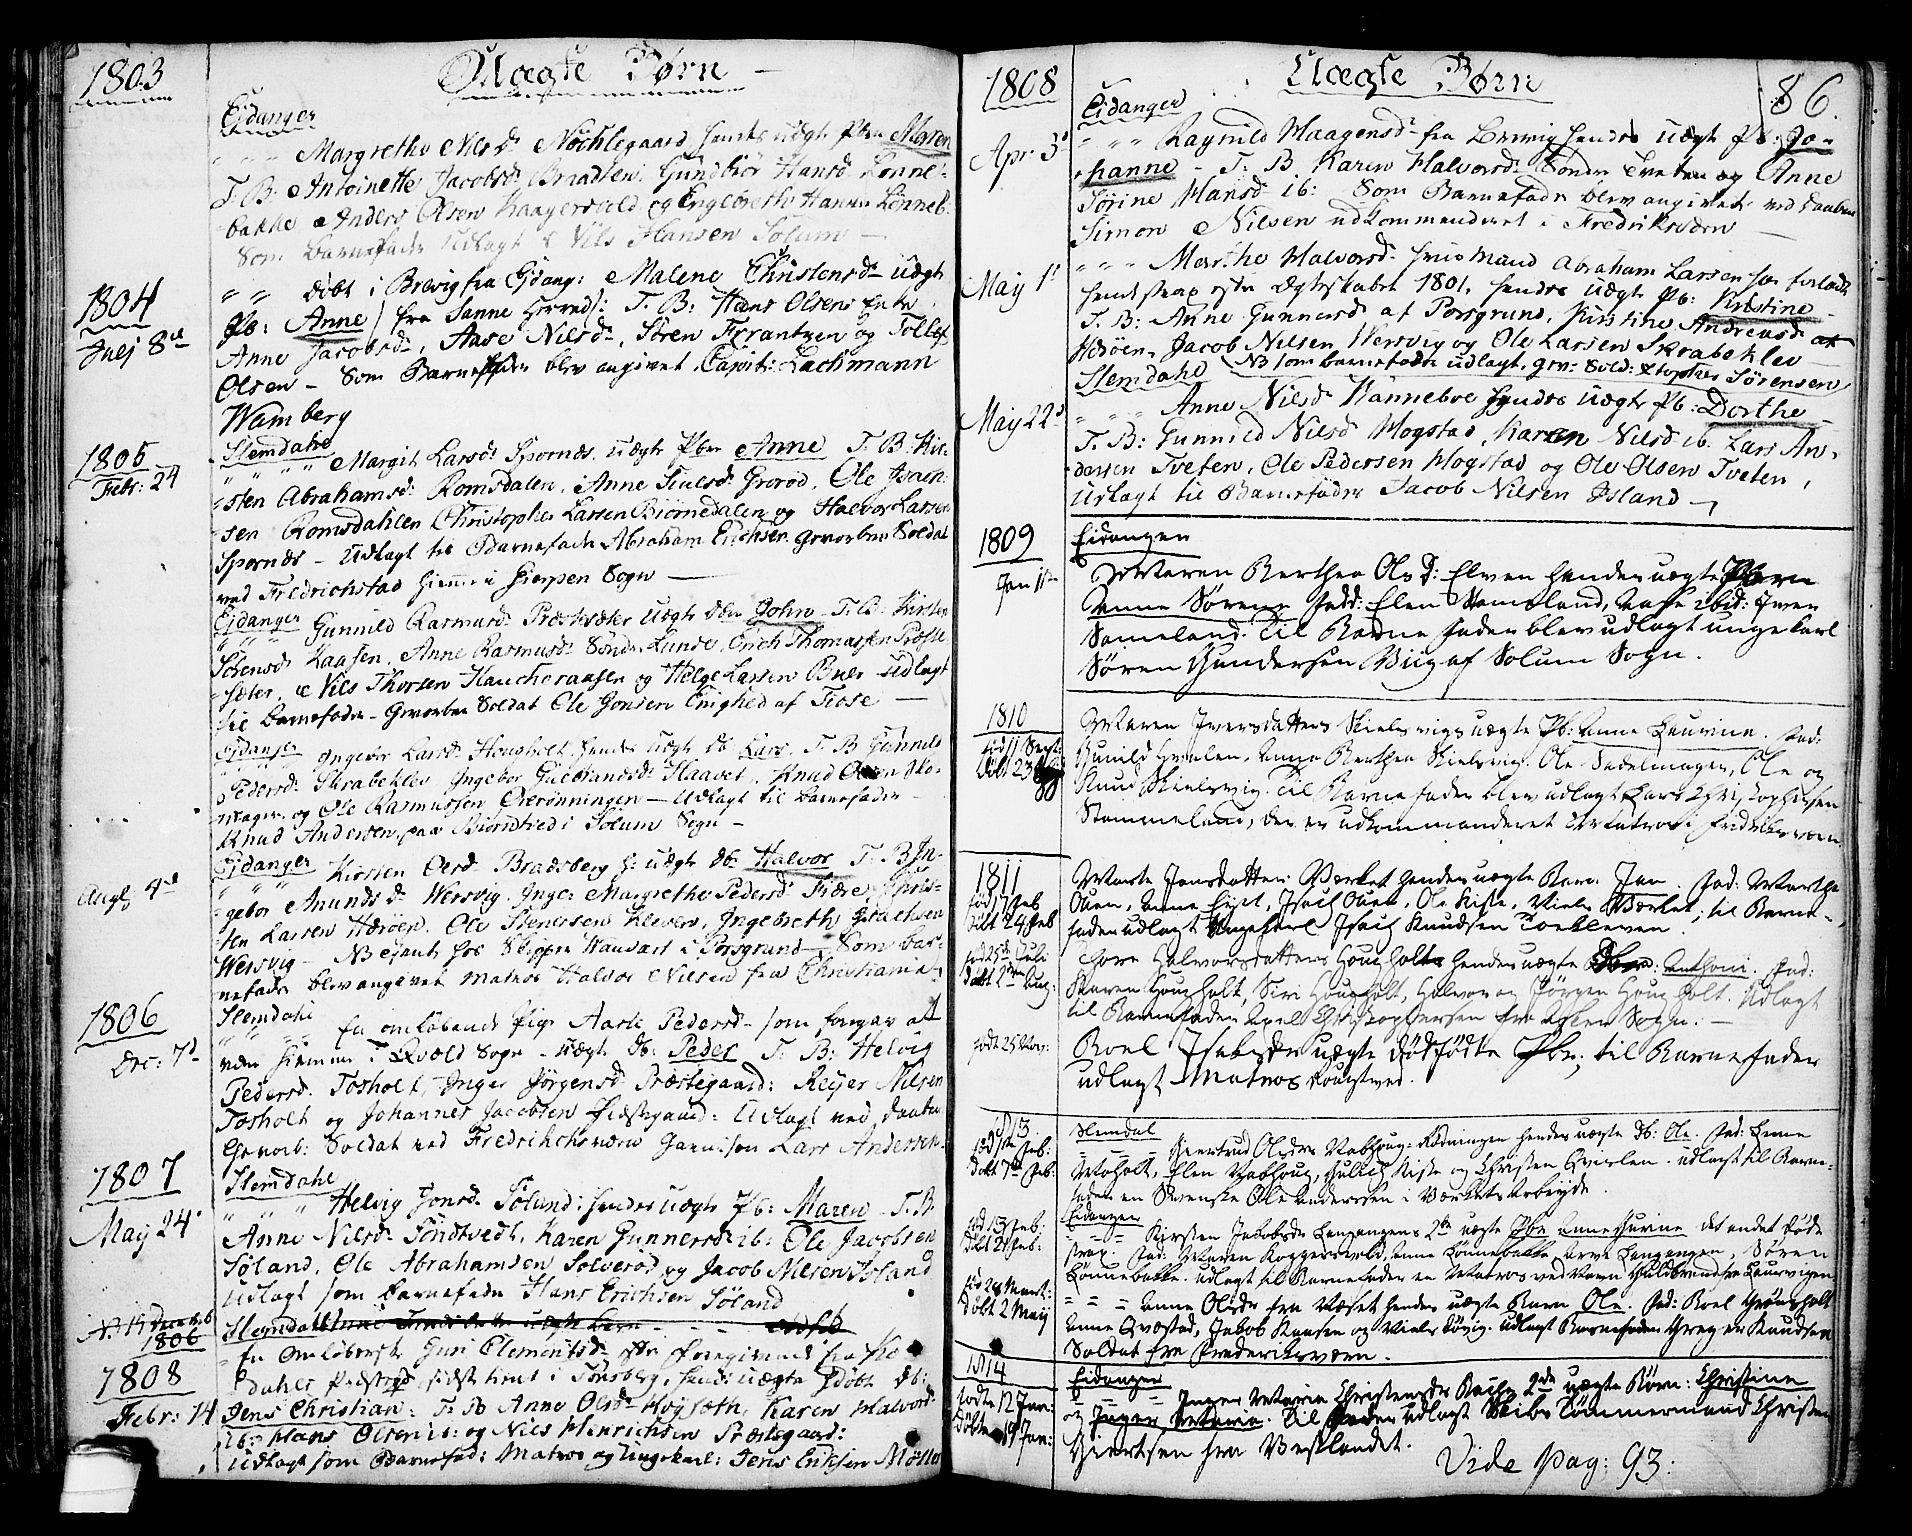 SAKO, Eidanger kirkebøker, F/Fa/L0006: Ministerialbok nr. 6, 1764-1814, s. 86